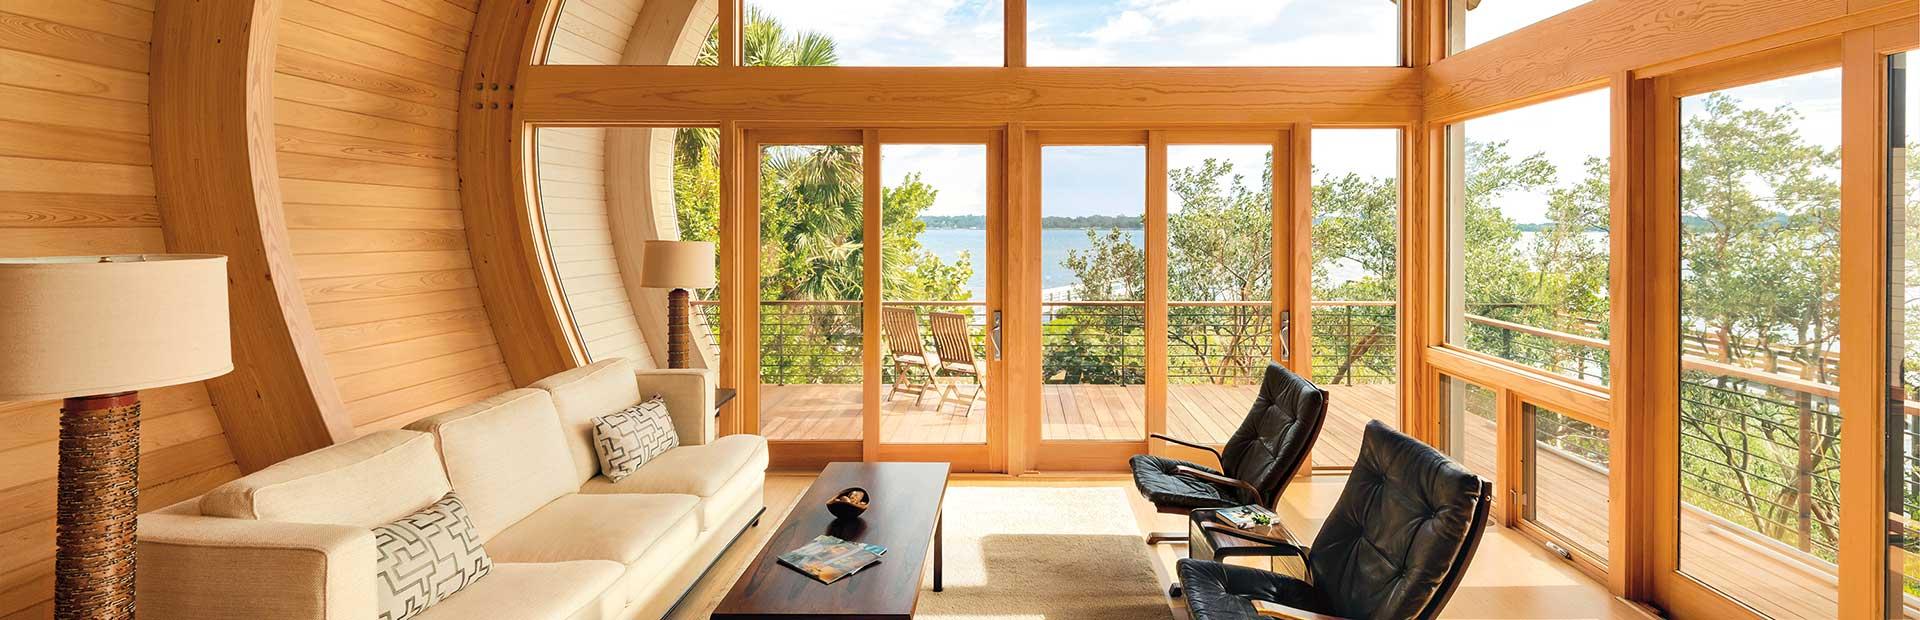 терраса с окнами из дерева